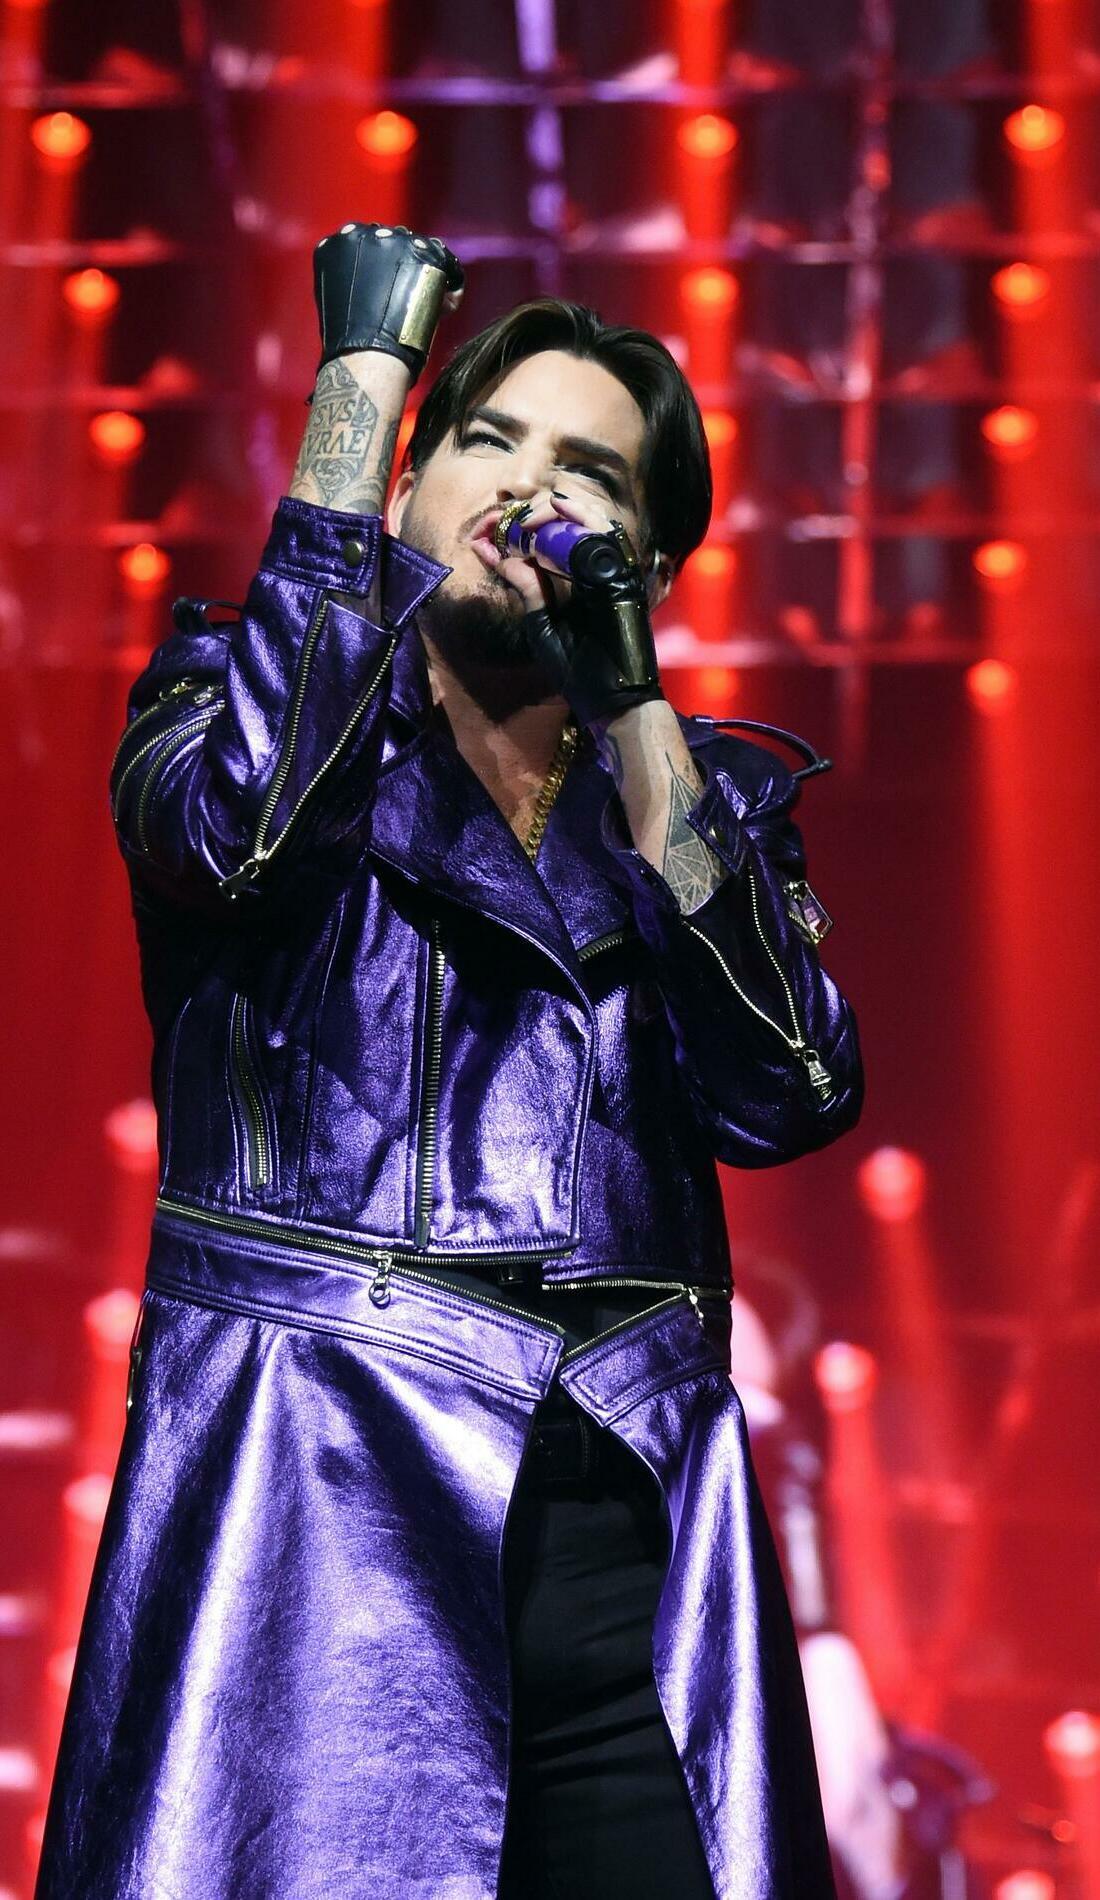 A Adam Lambert live event